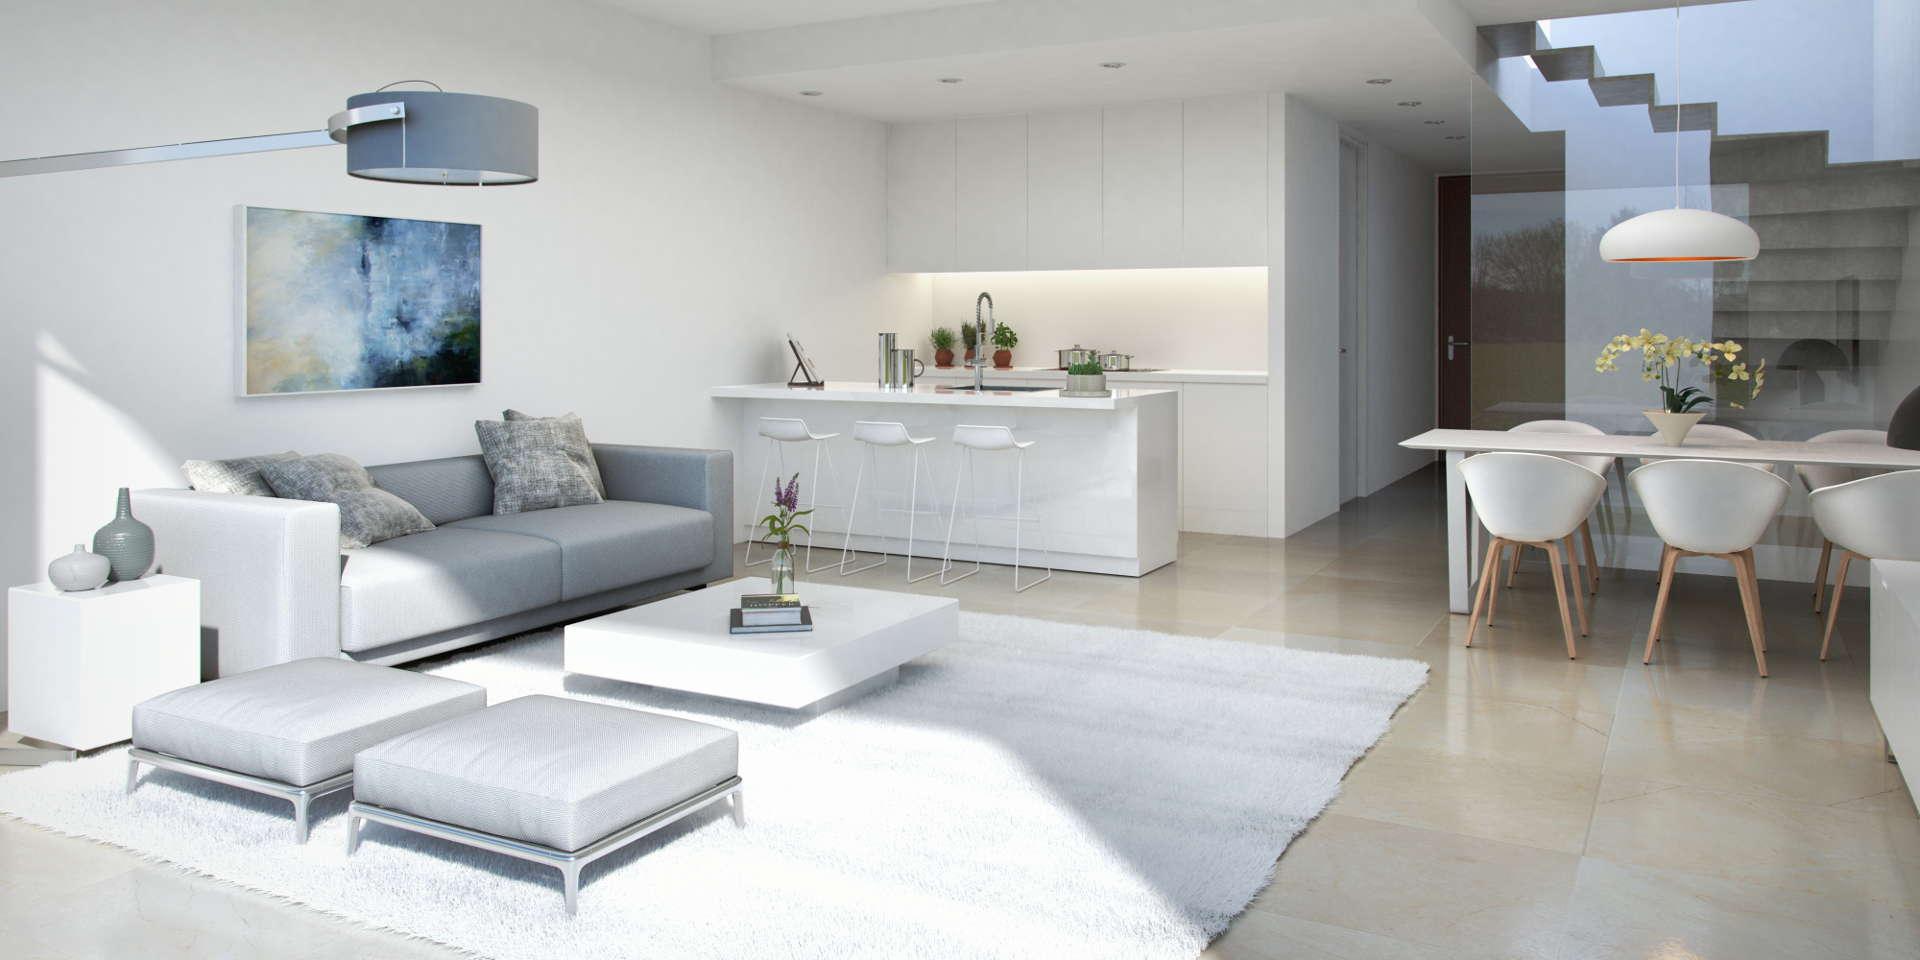 منزل تاون هاوس جديد في لا كالا دي ميجاس مكون من 3 أو 4 غرف نوم